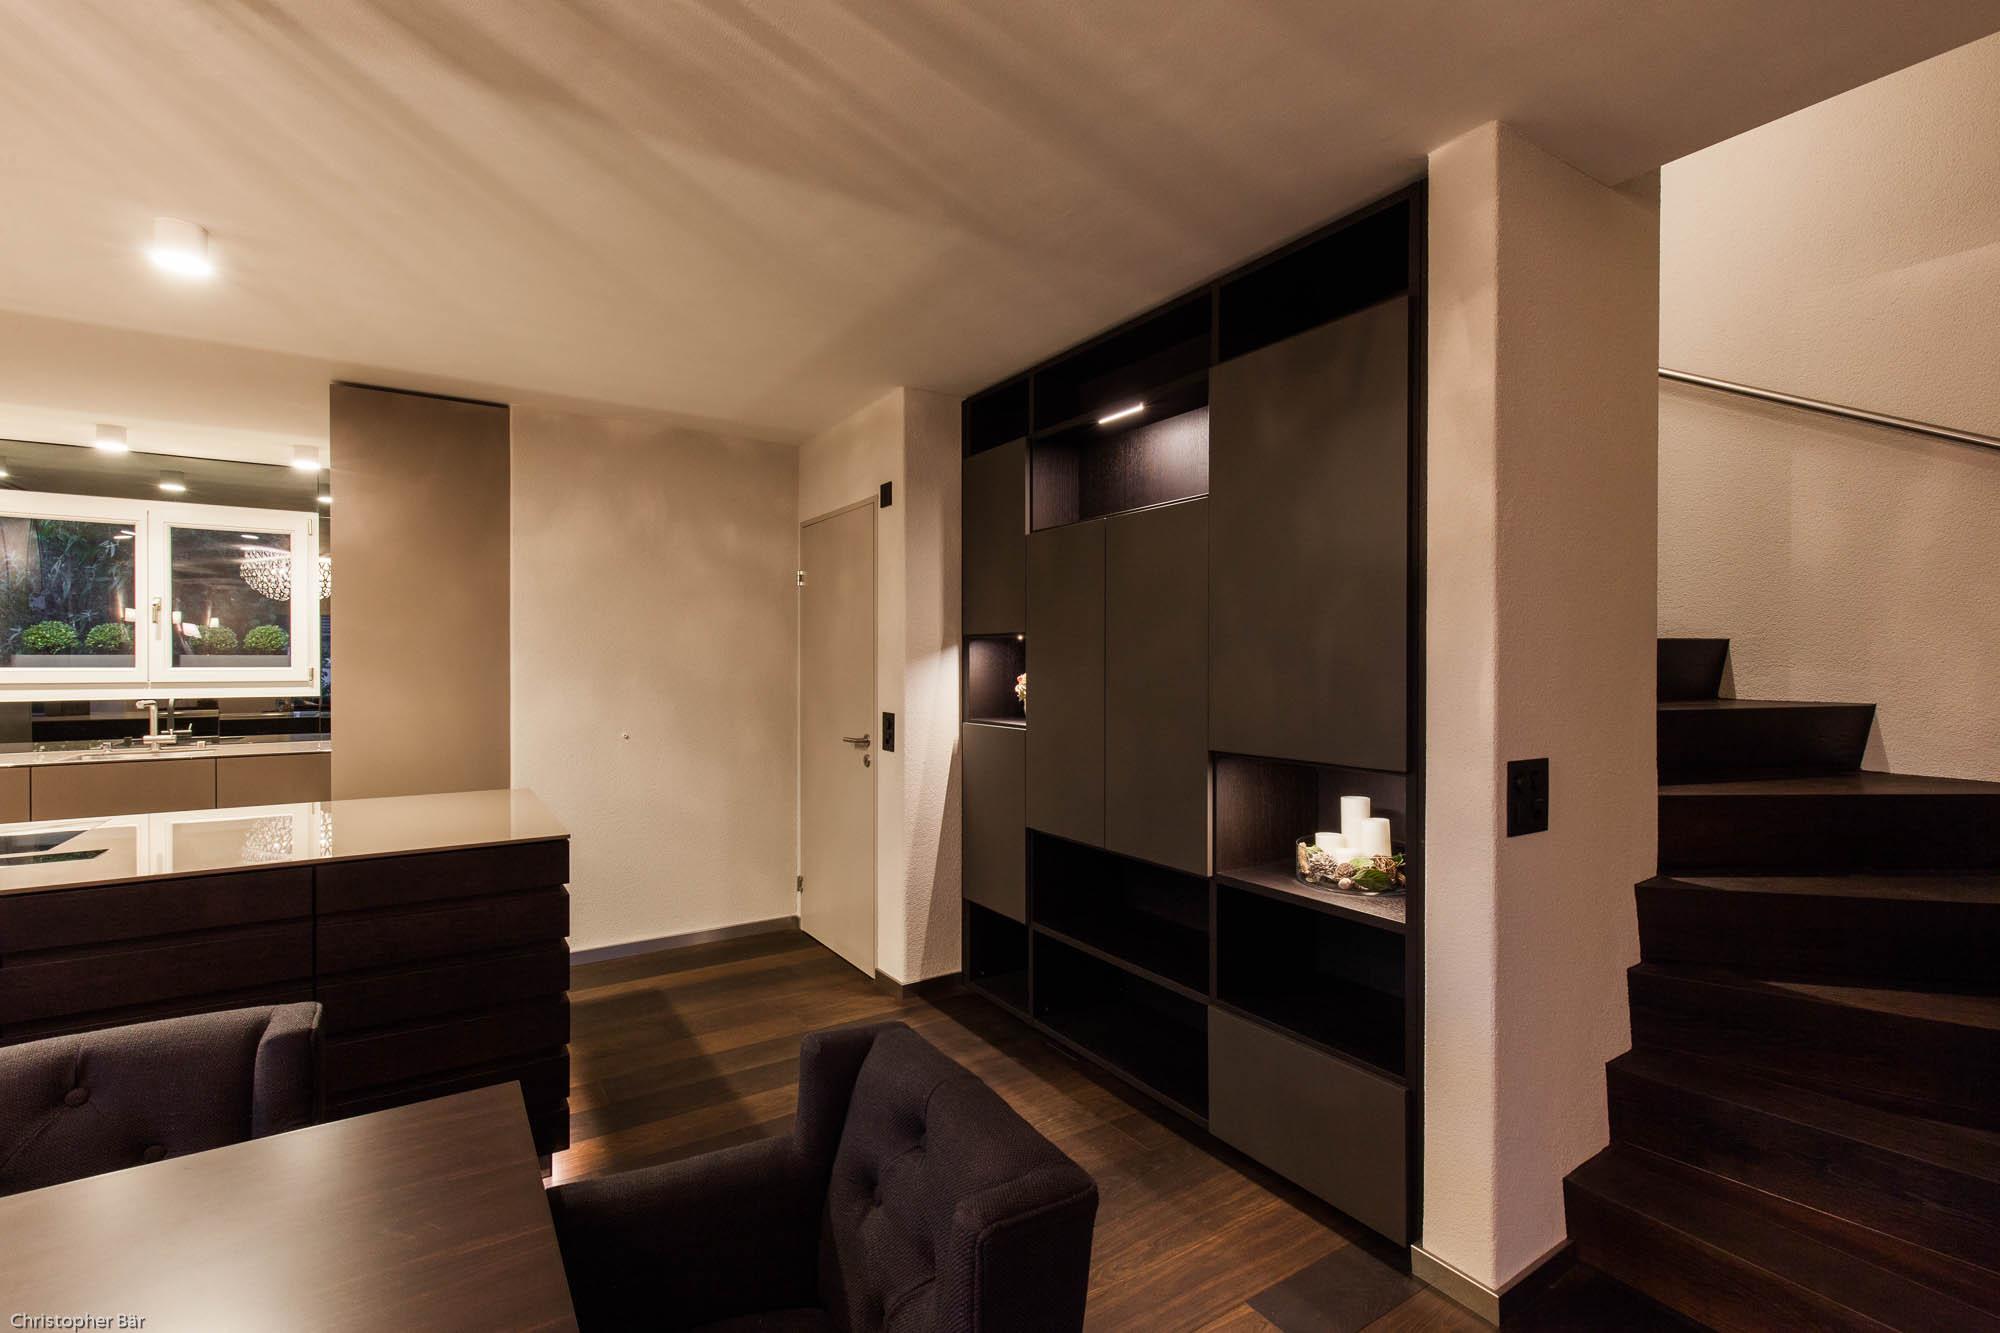 Casa moderna amazing casa moderna todos santos mexico for Casa moderna zurigo